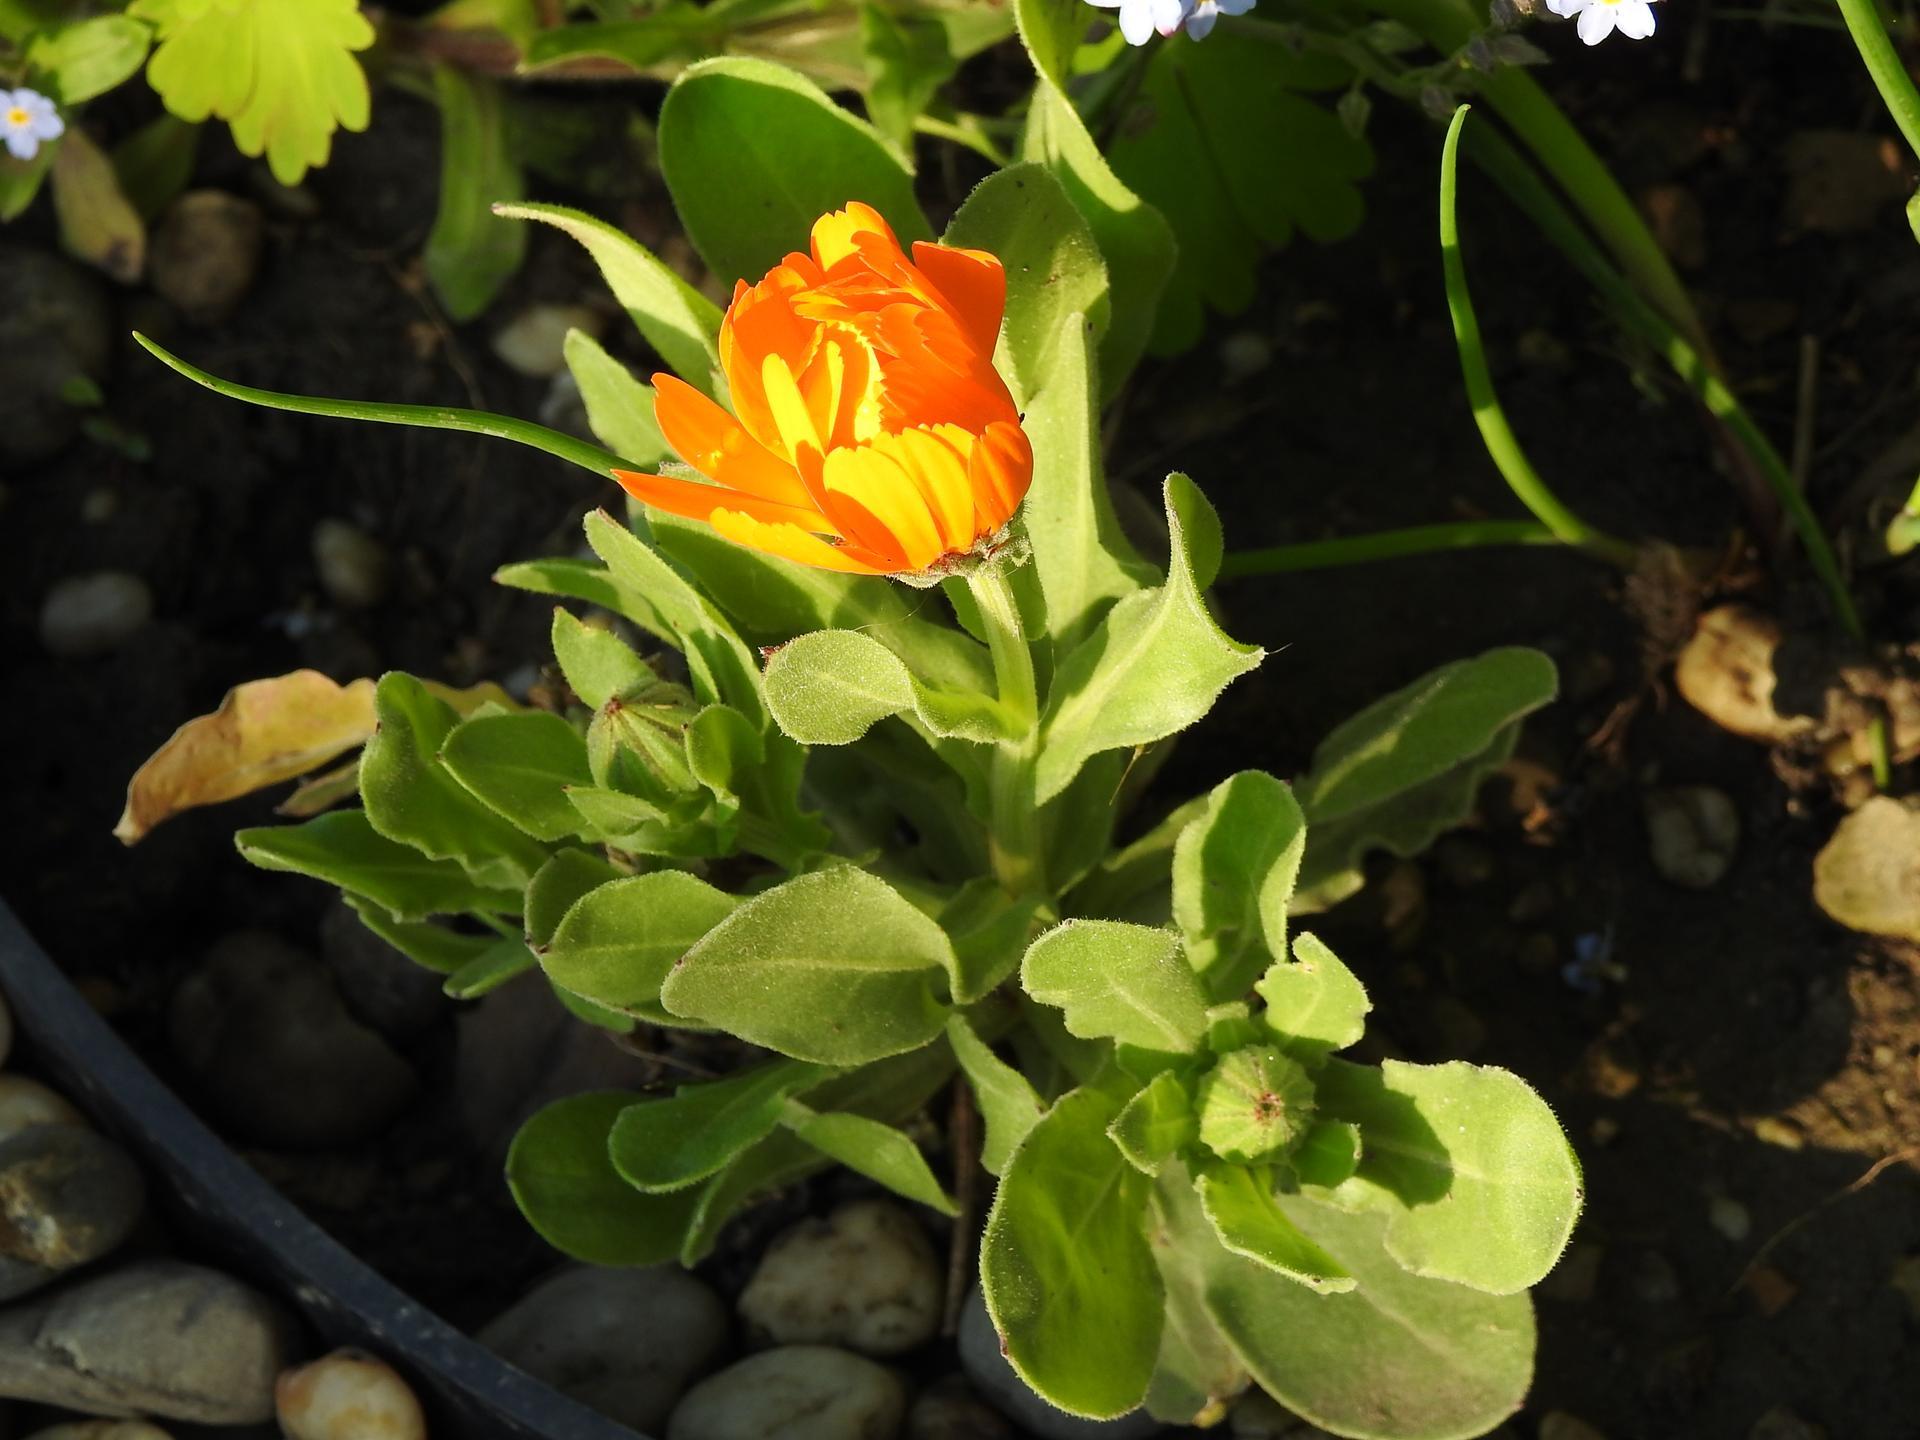 Máj v záhradke - Obrázok č. 10